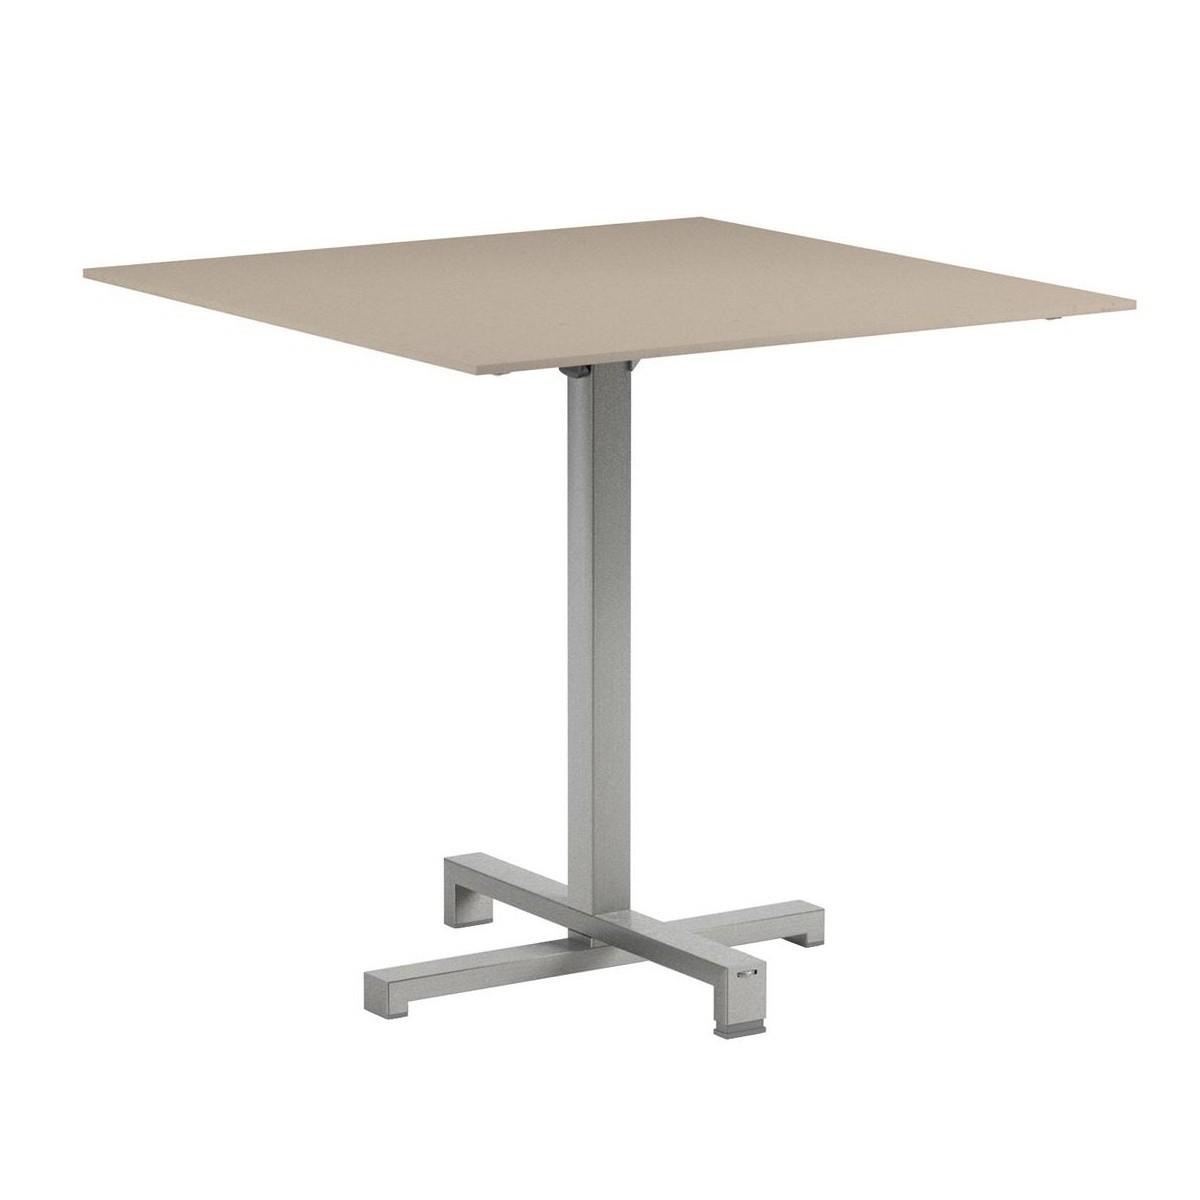 Royal Botania Taboela Folding Table Frame Stainless Steel